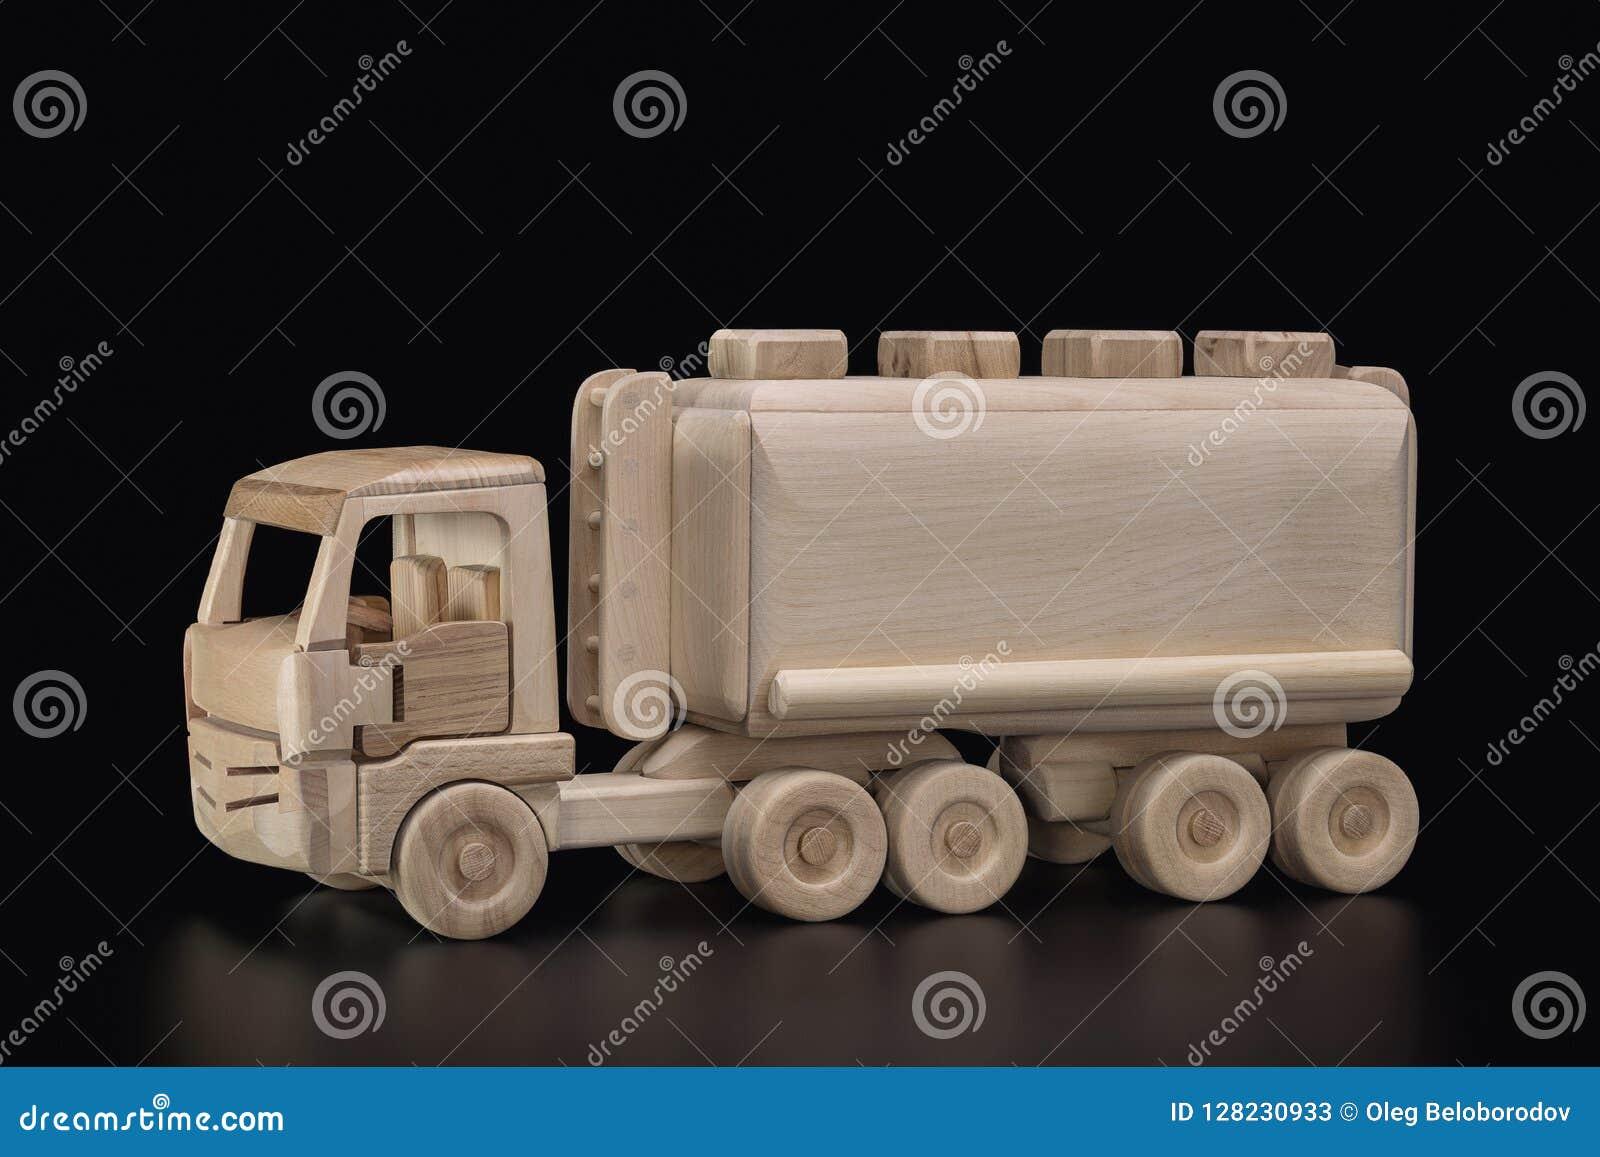 En Transporter Le Bois Pour Et Jouet De Pétrole Bateau Citerne J1TlcFK